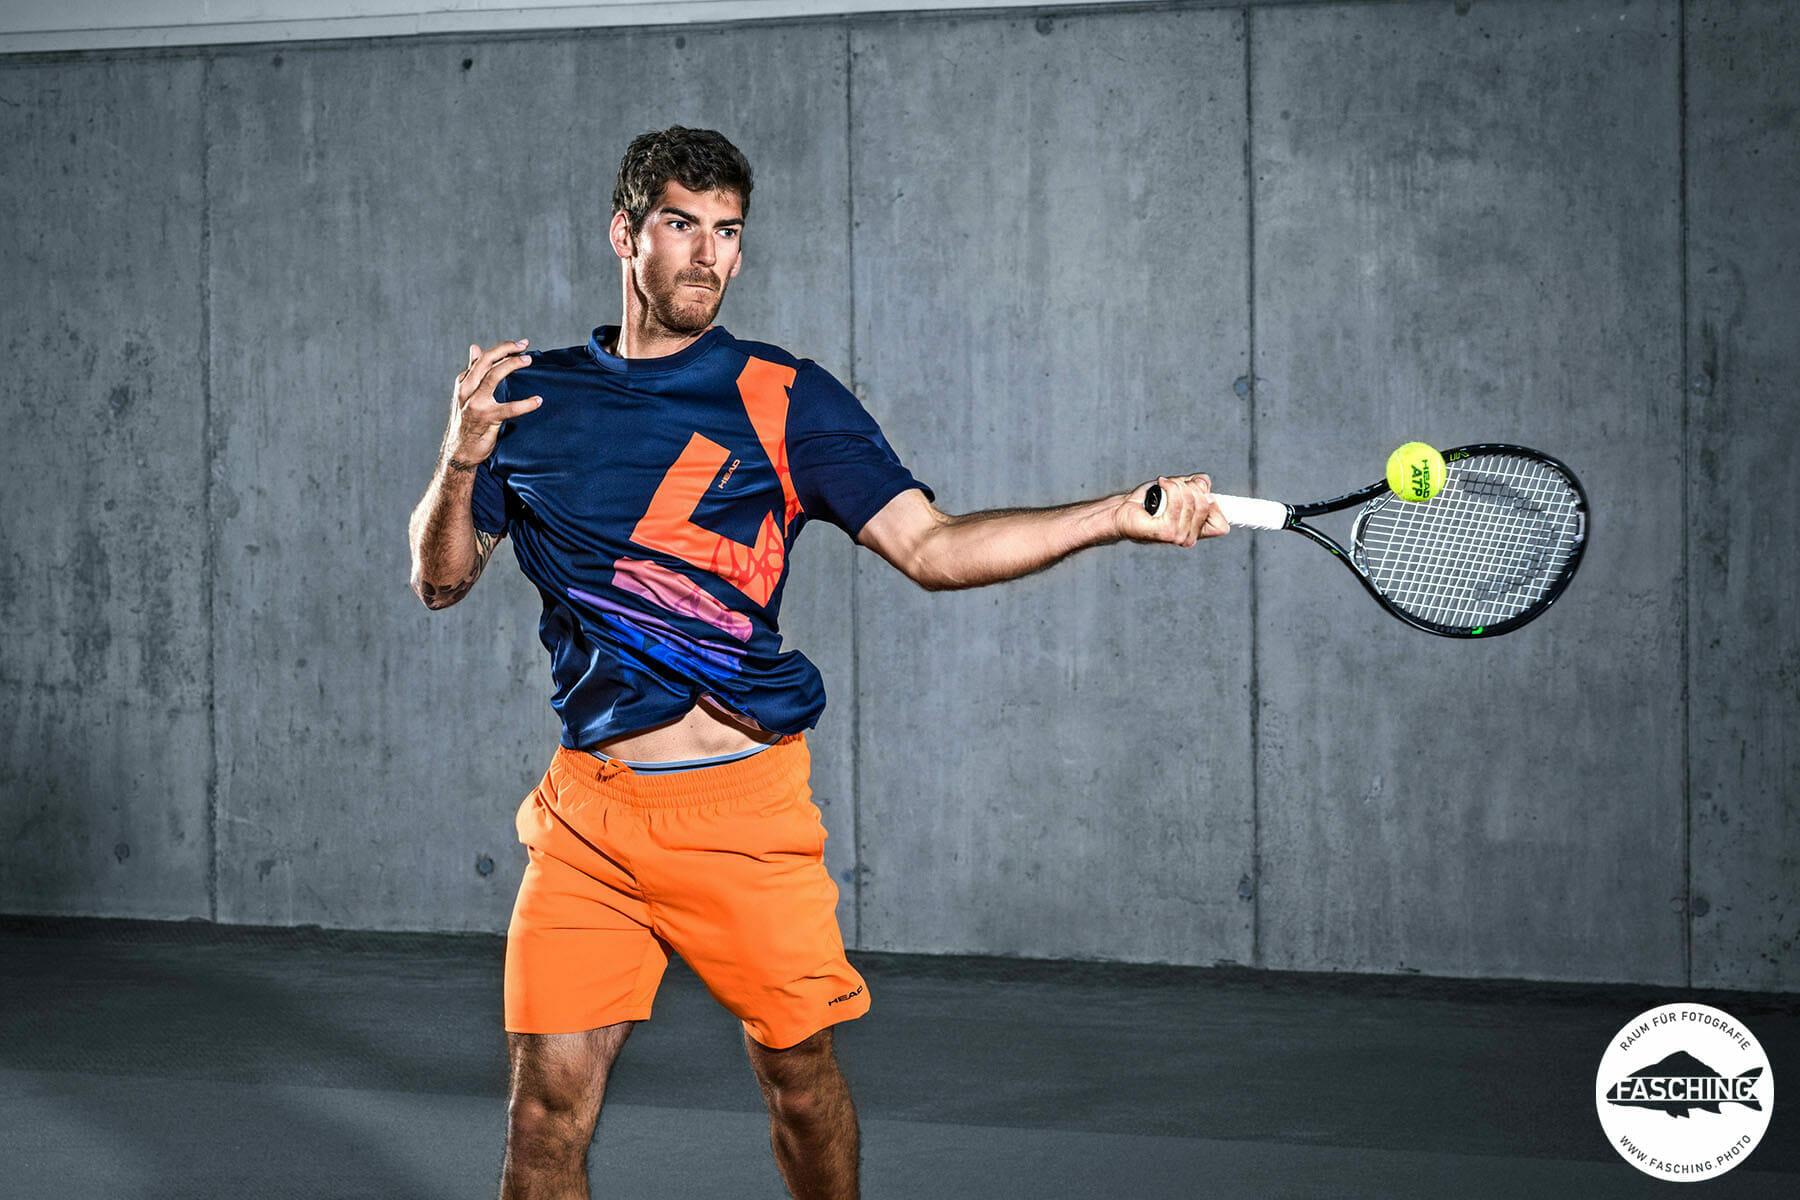 Actionfotografie vom Studio Fasching in Bregenz. Fotografiert wurde in Lauterach in der Tennishalle